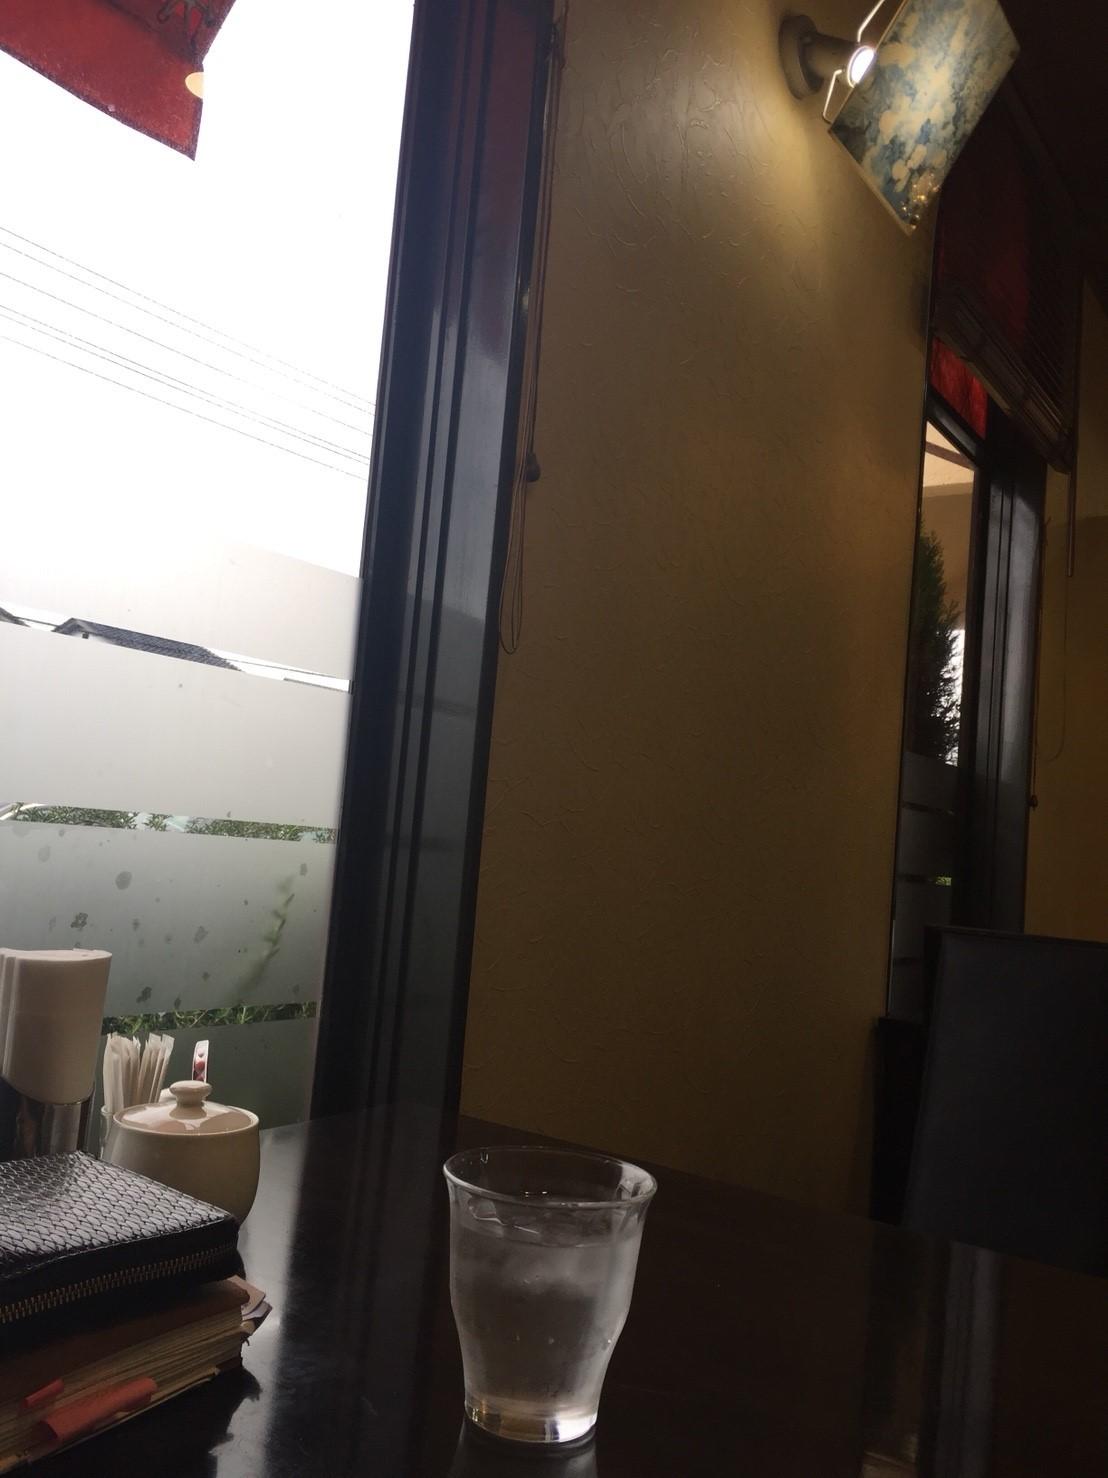 cafe & restaurant Andrews  日替わりランチ 和風ハンバーグ_e0115904_10062158.jpg